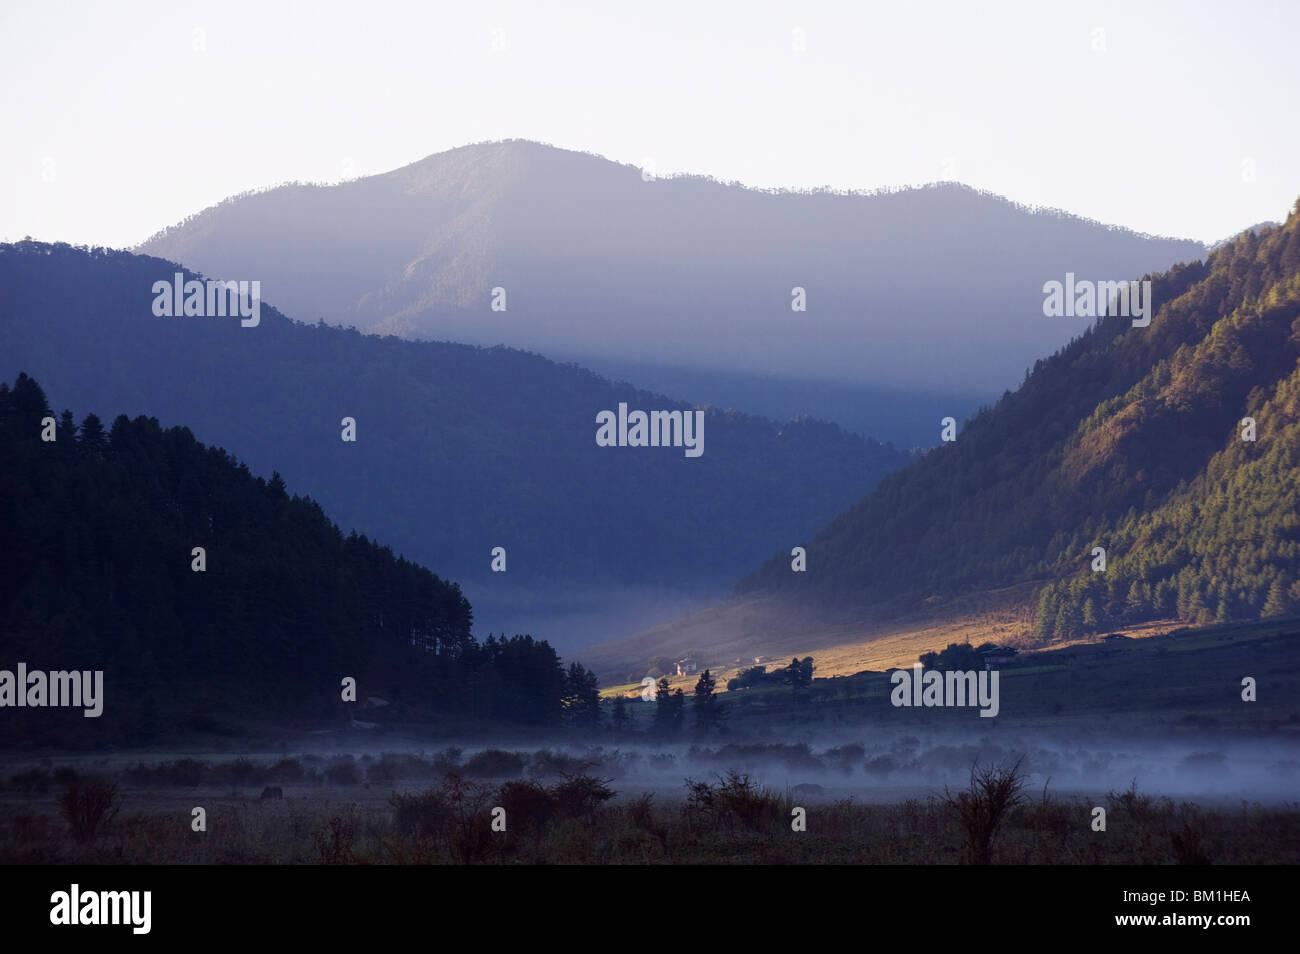 Mist in Phobjikha Valley, Bhutan, Himalayas, Asia - Stock Image